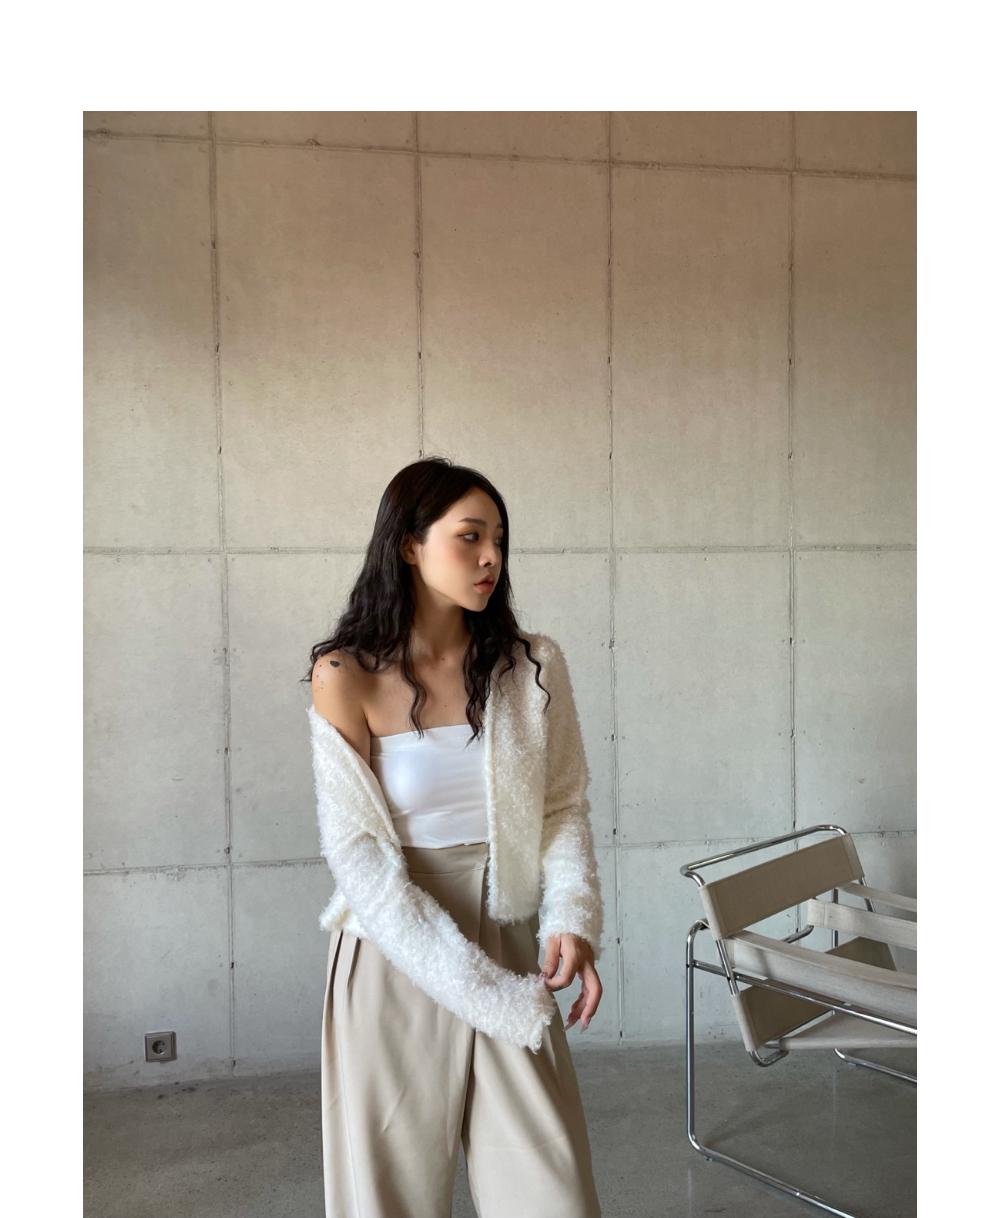 드레스 모델 착용 이미지-S1L79